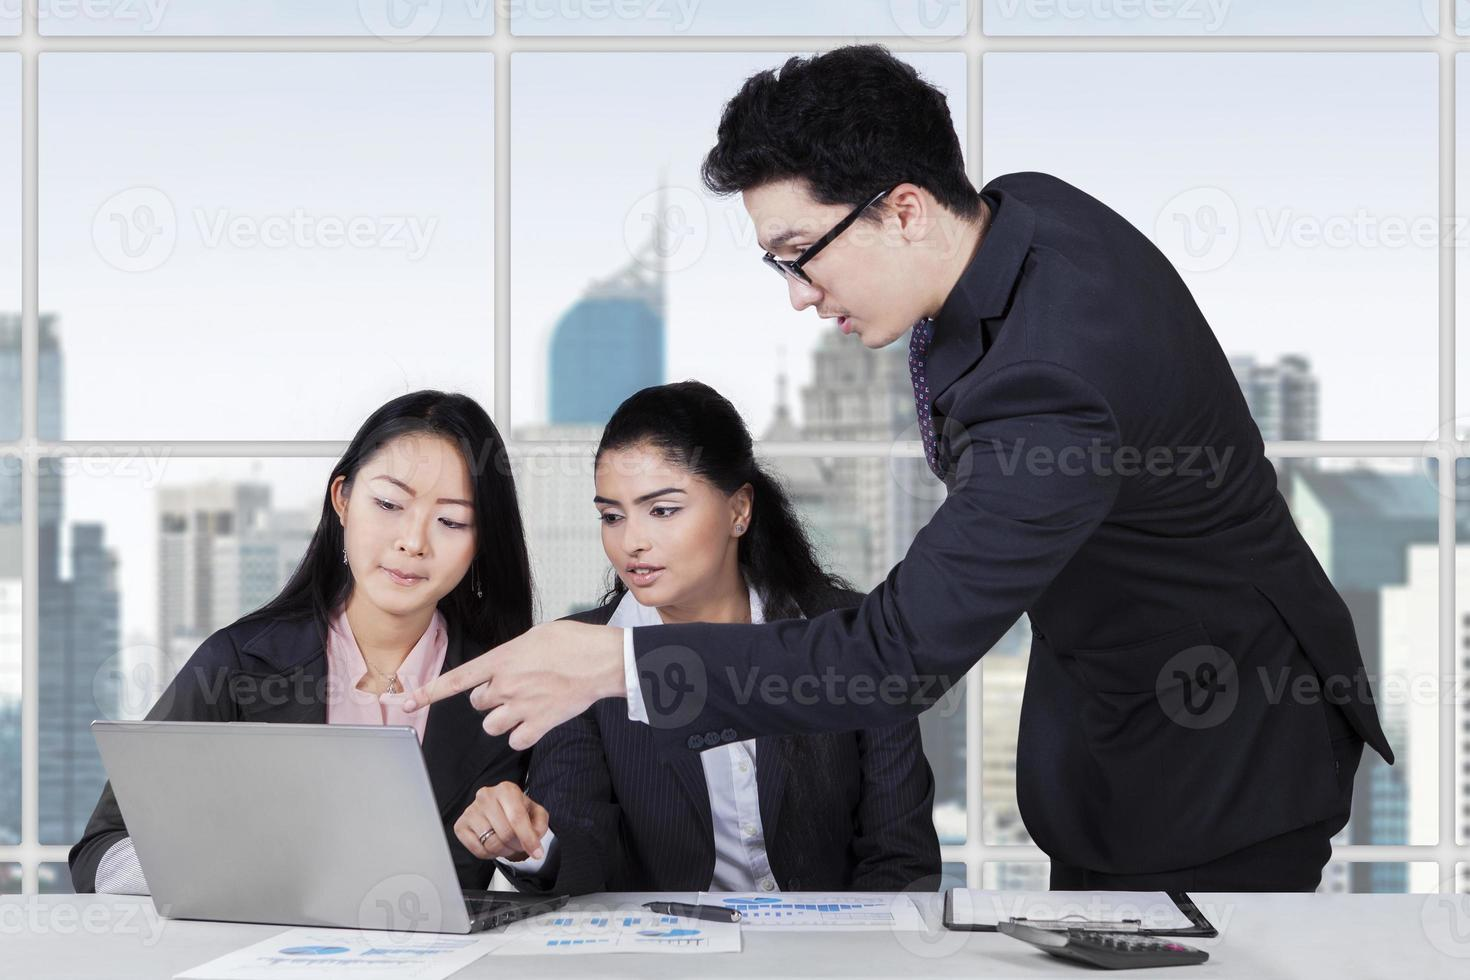 männlicher Trainer, der einen Job im Büro erklärt foto